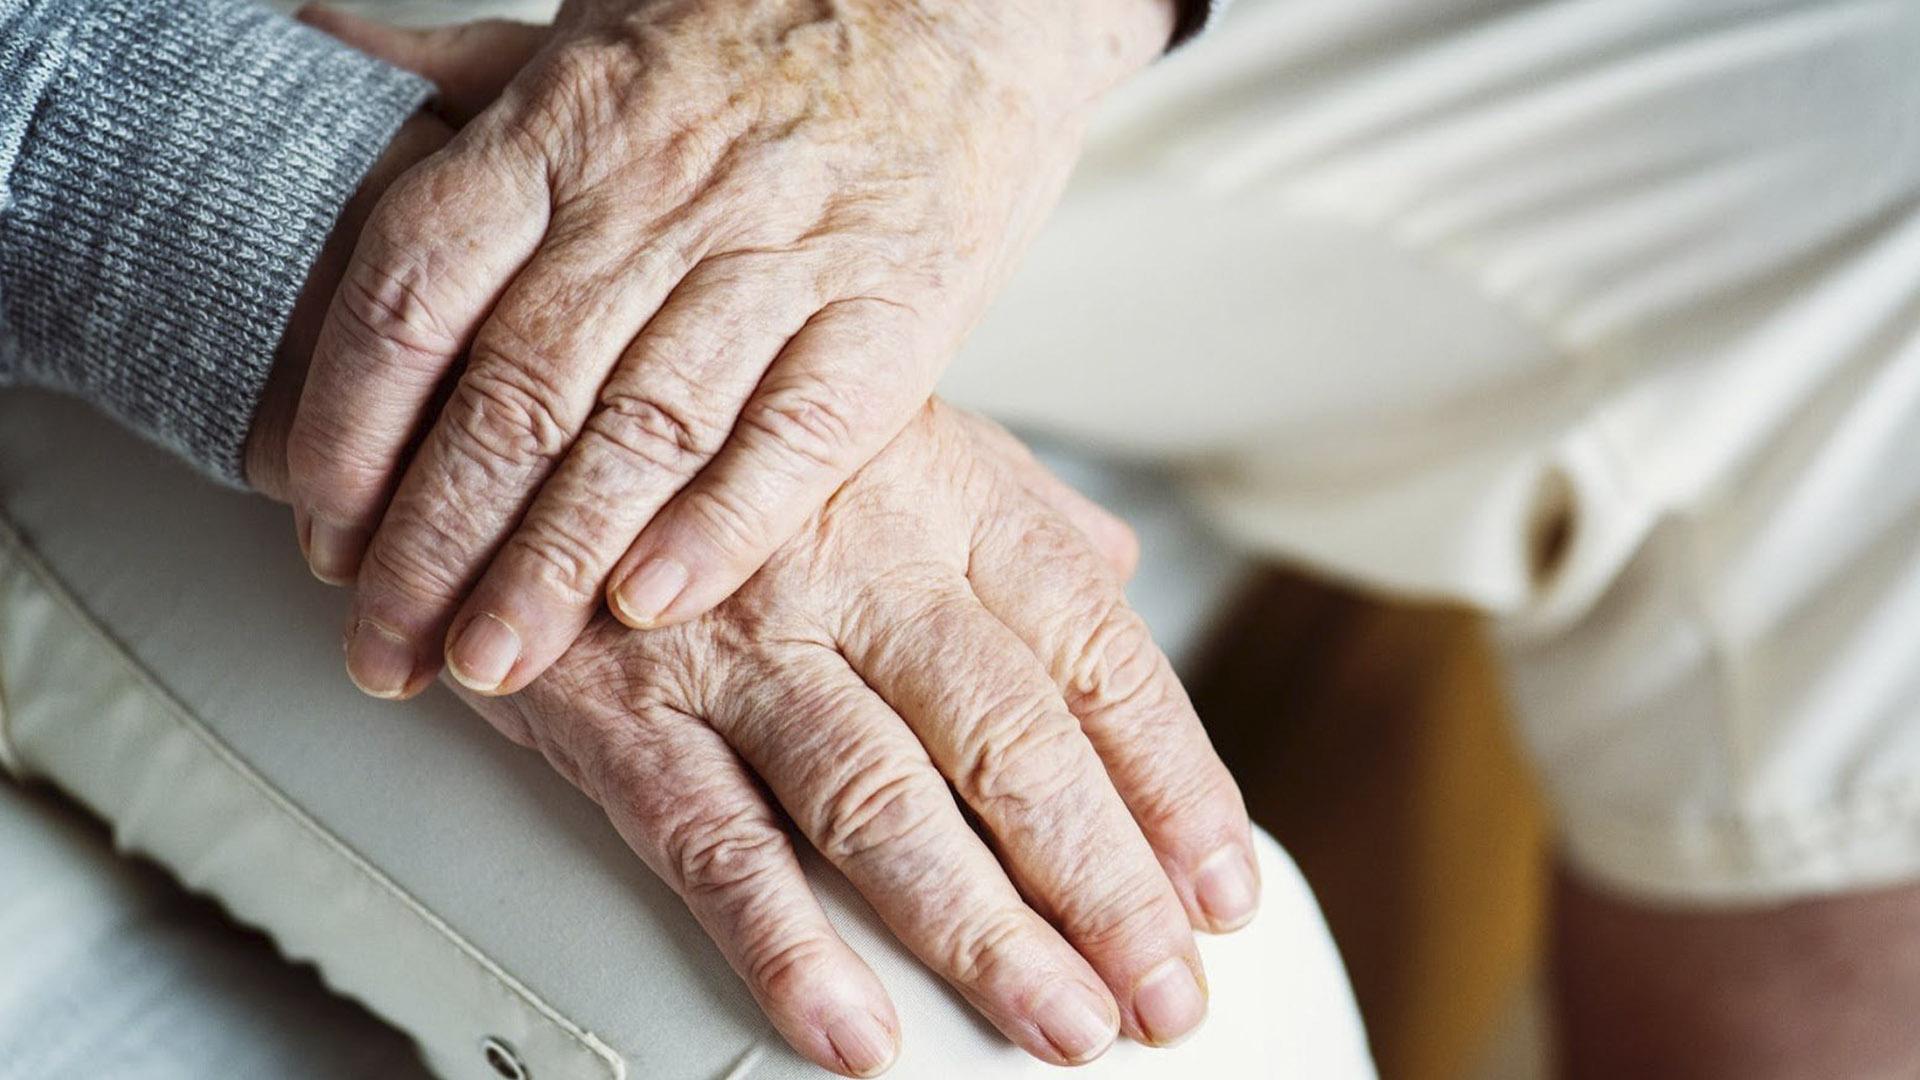 Adultos mayores: Entre el riesgo de contagio y la necesidad de abastecerse